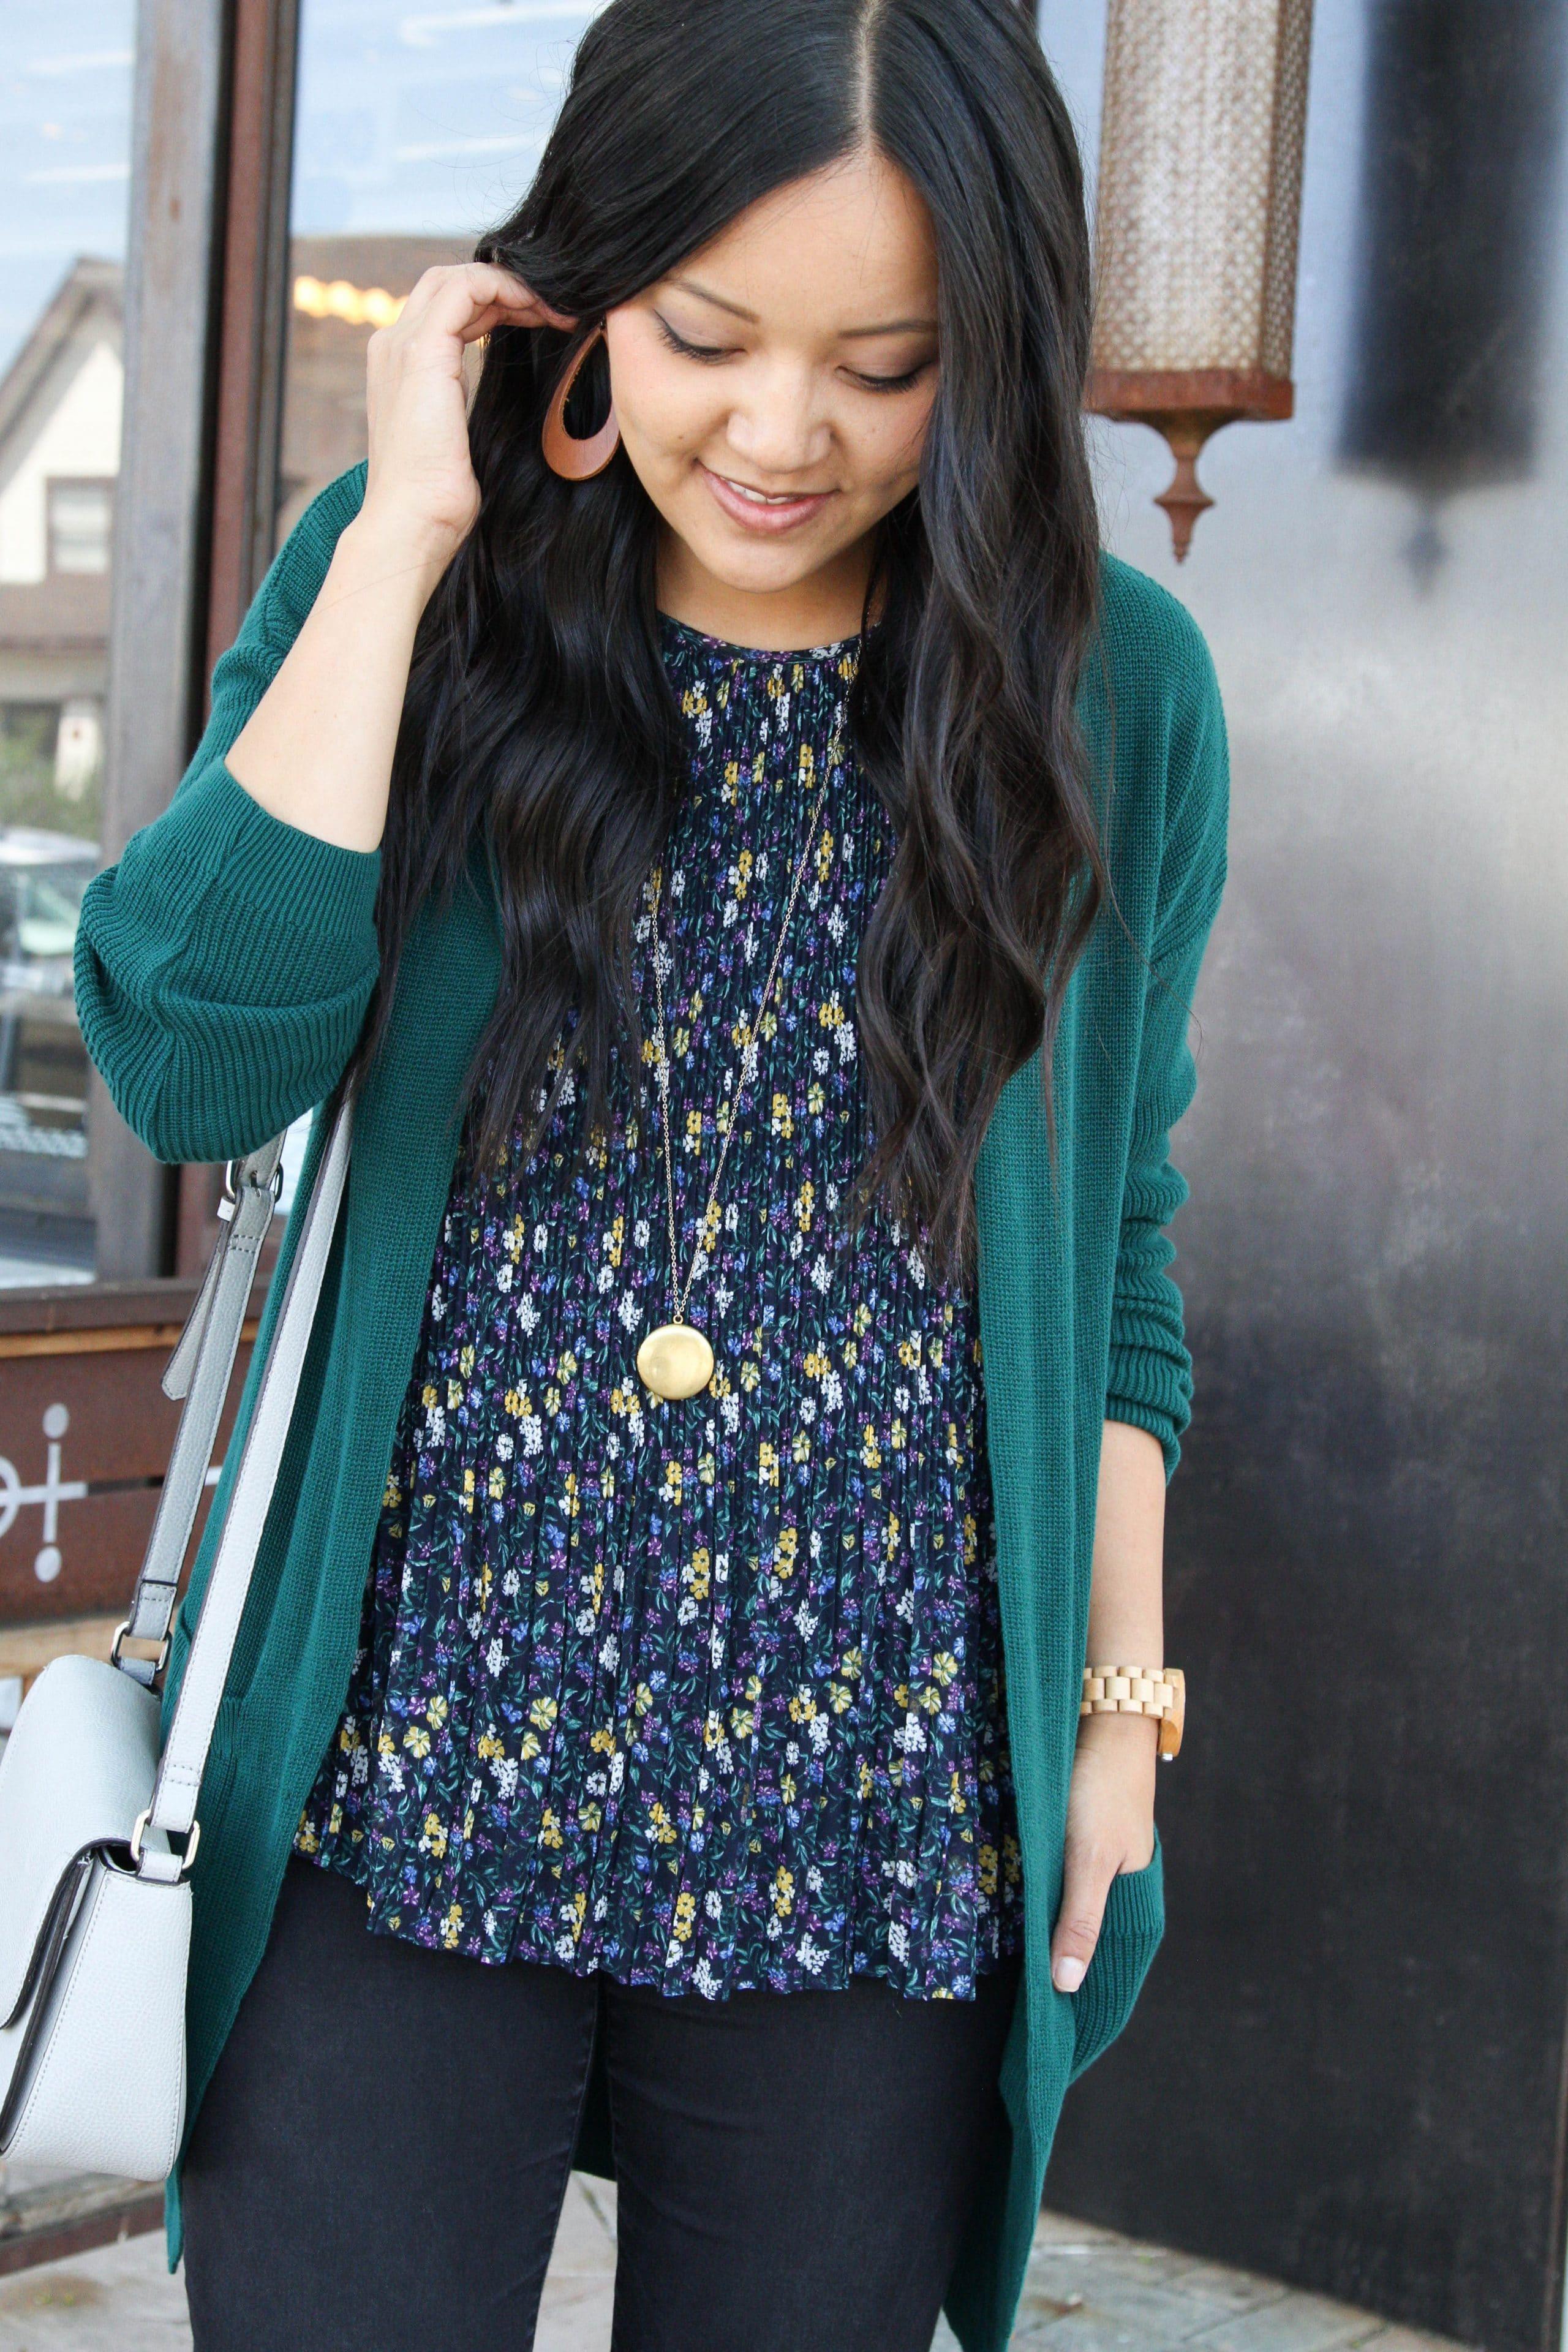 Green Cardigan + Cognac Earrings + Floral Top + Black Jeans